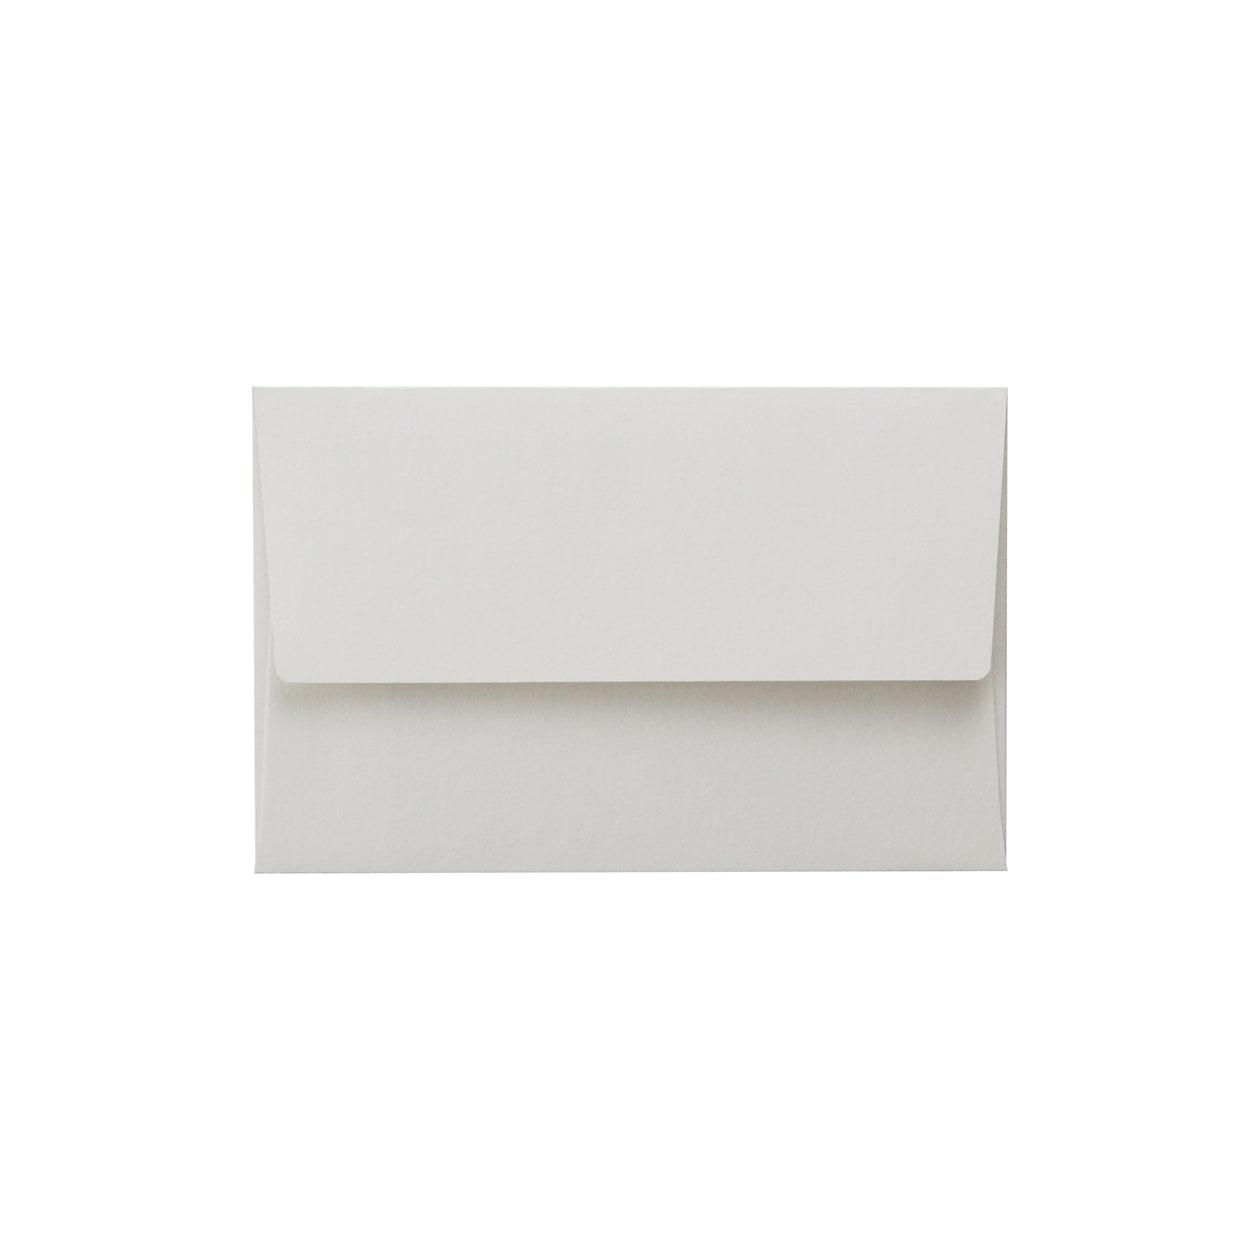 サンプル 封筒・袋 00115